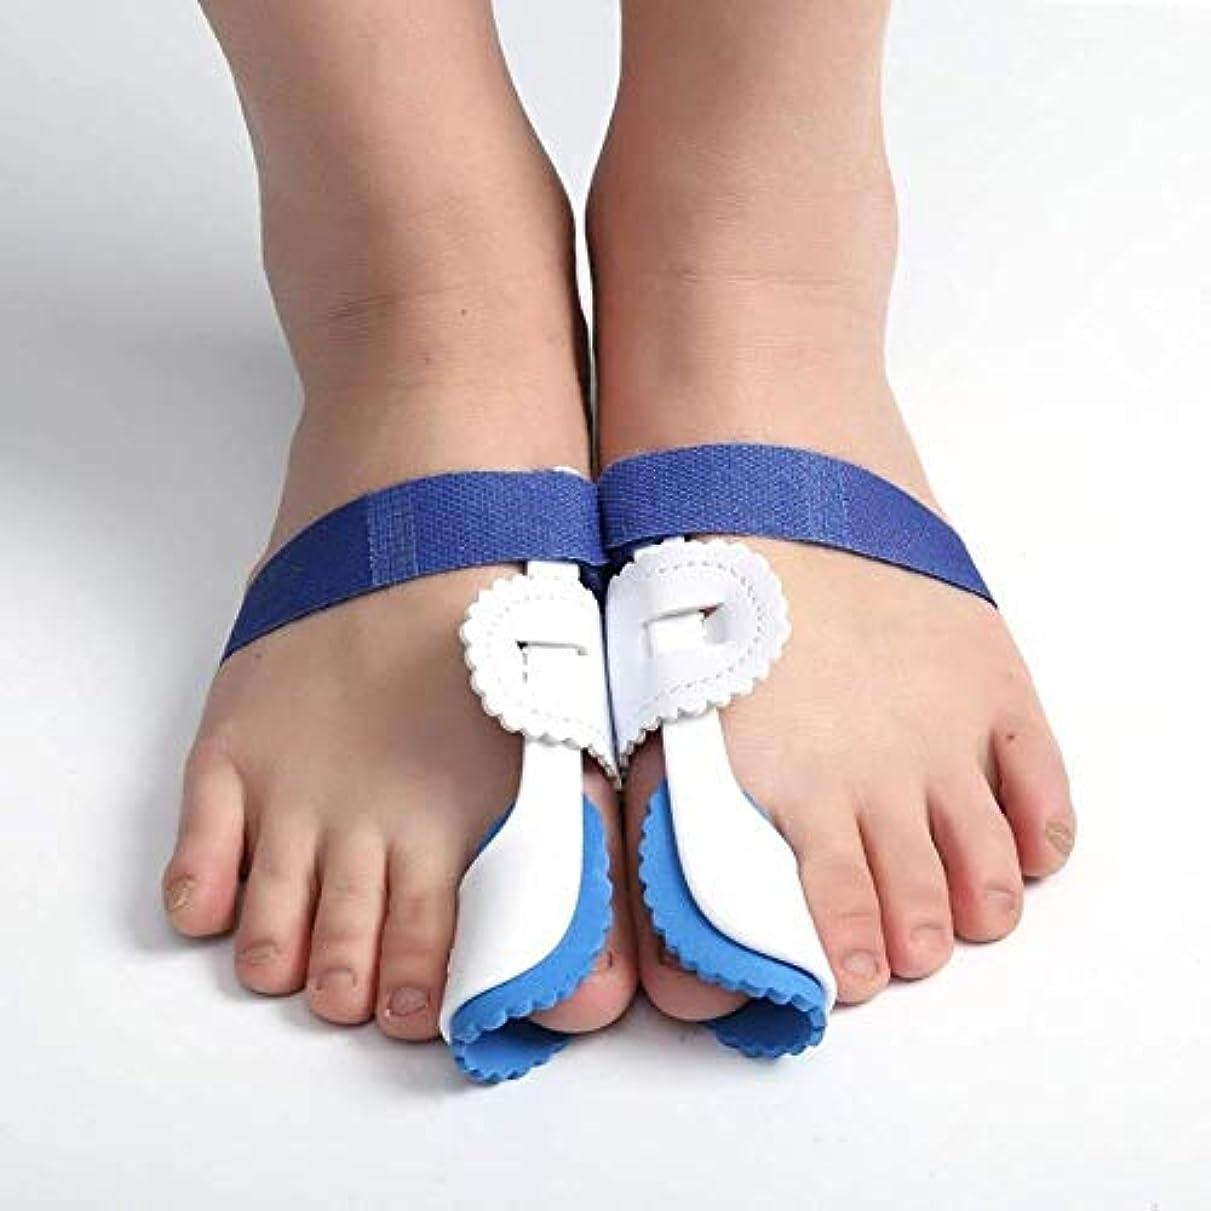 独立ピアース休日足の親指の装具の足プロテクター、外反母趾装具ブレース外反母趾のための調節可能なベルクロの足の毛のストレート